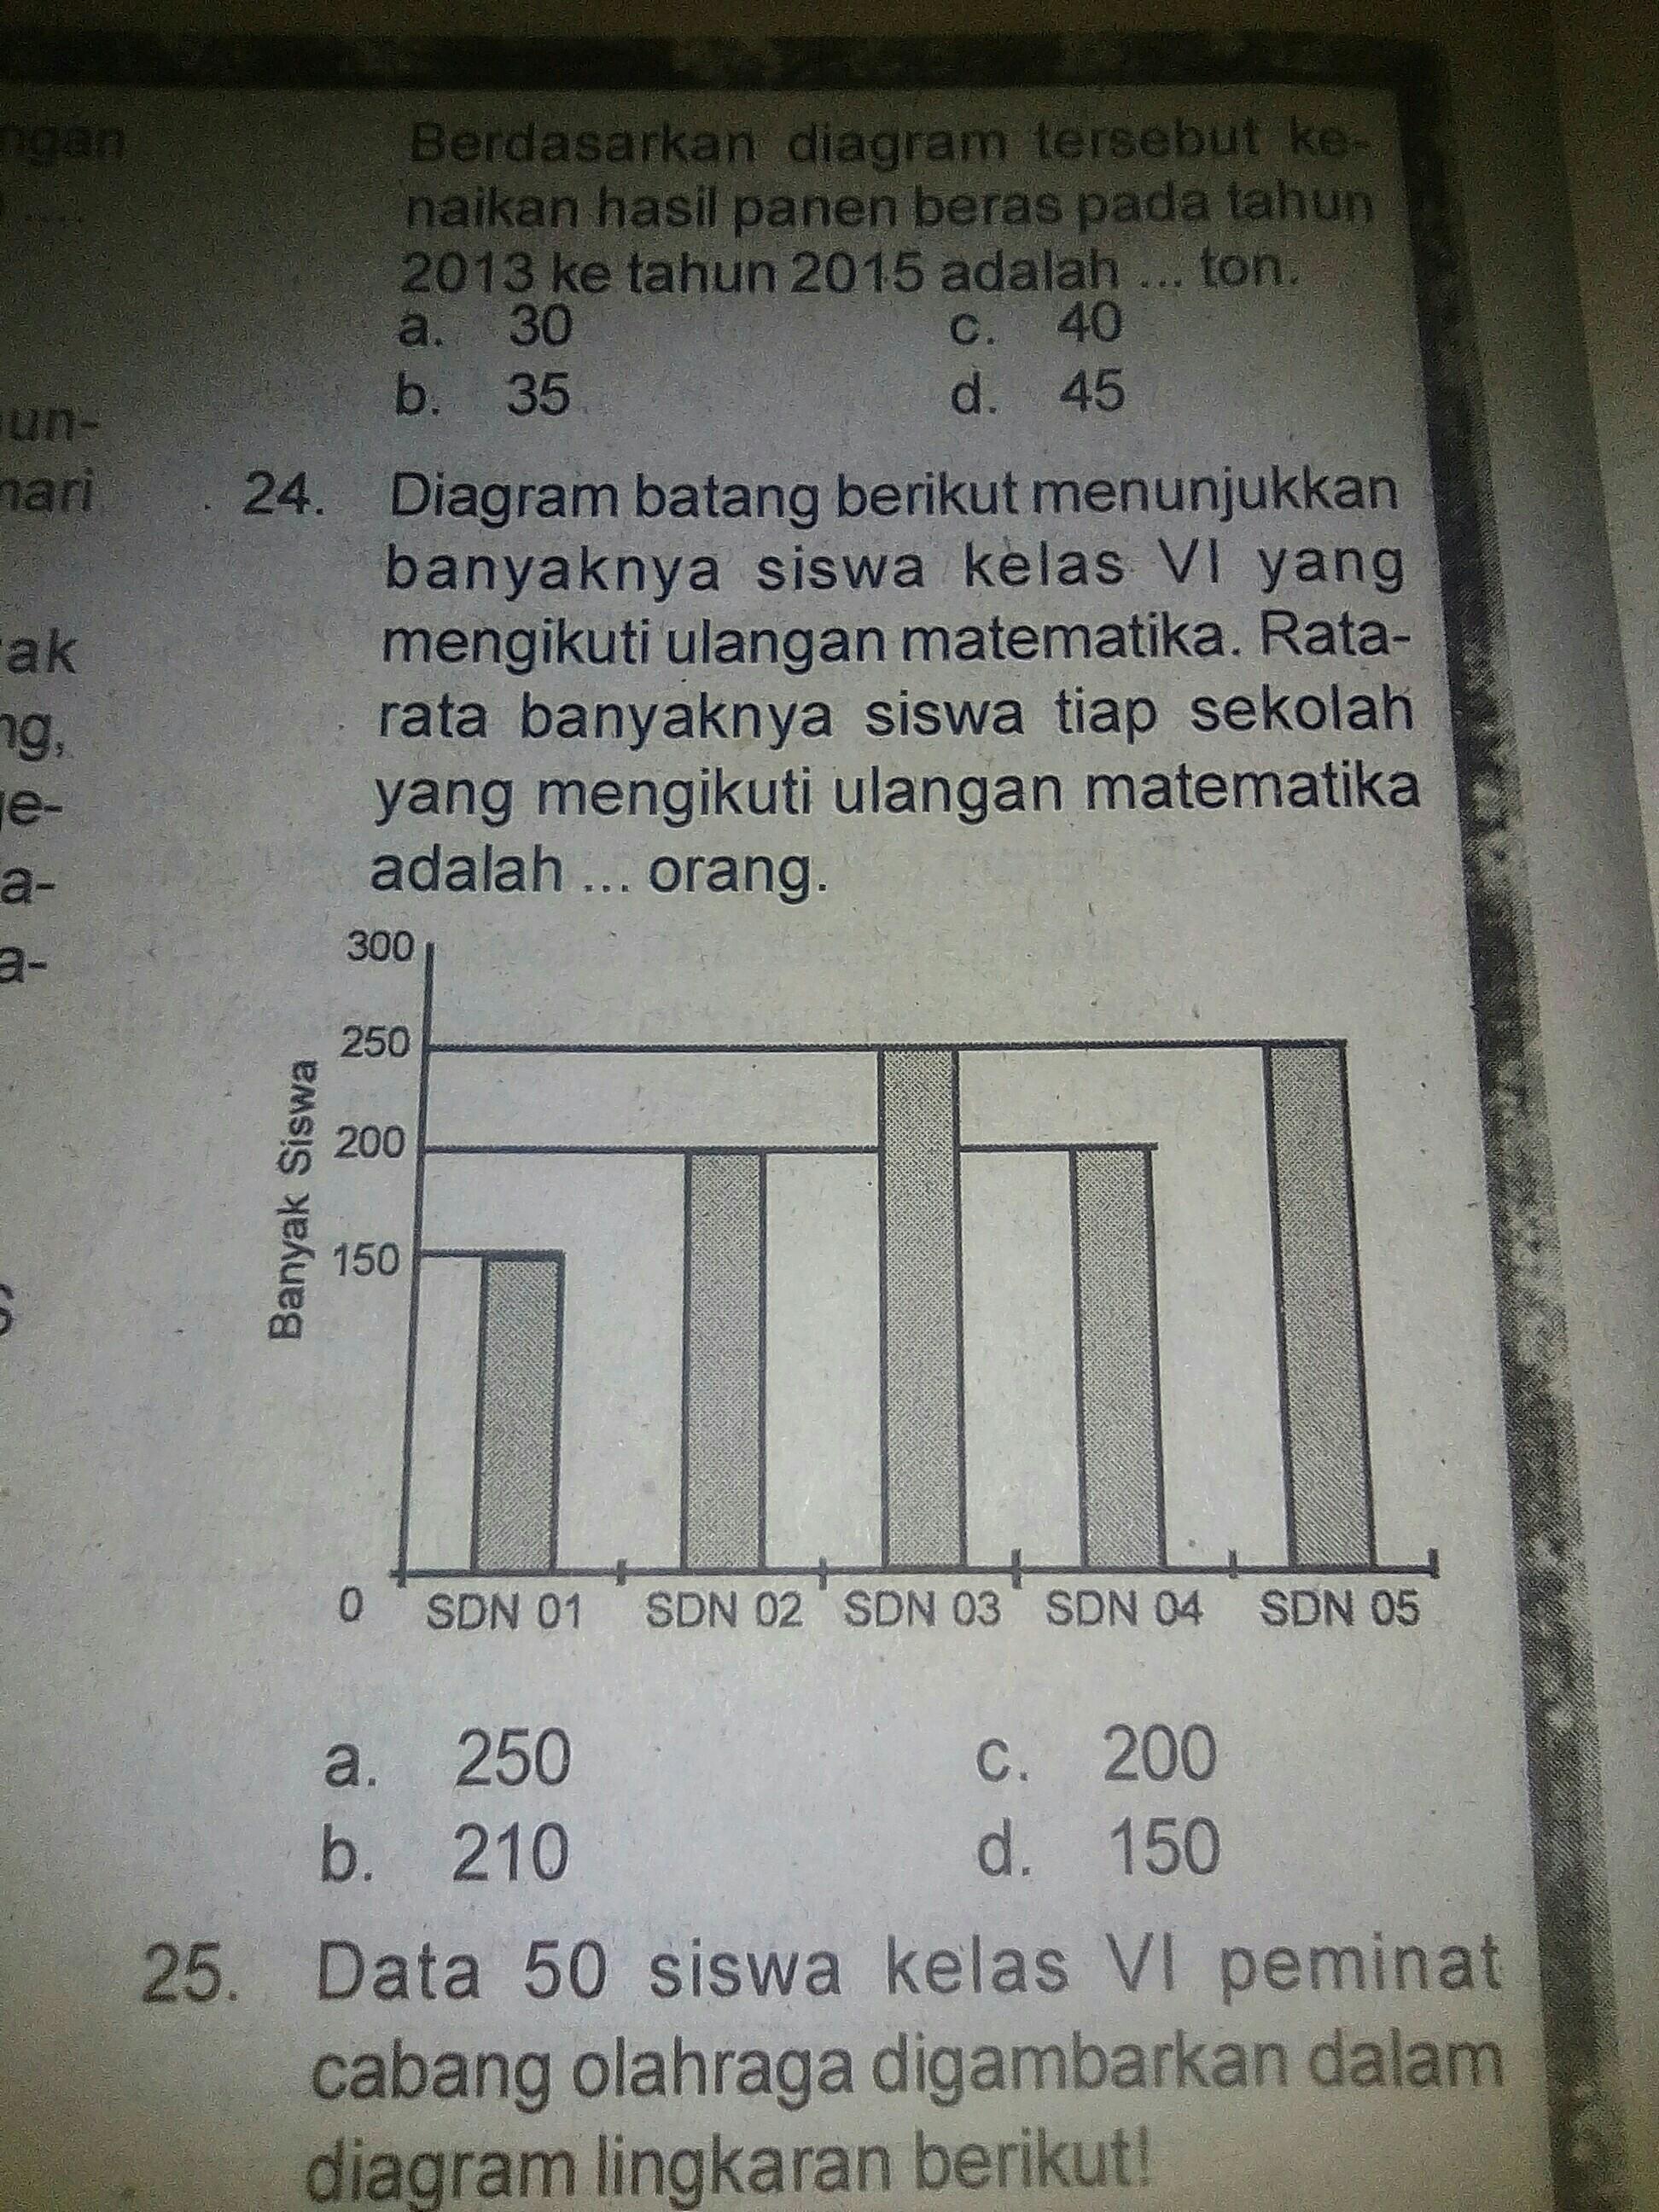 Diagram batang berikut menunjukkan banyaknya siswa kelas vl yang mengikuti ulangan matematika